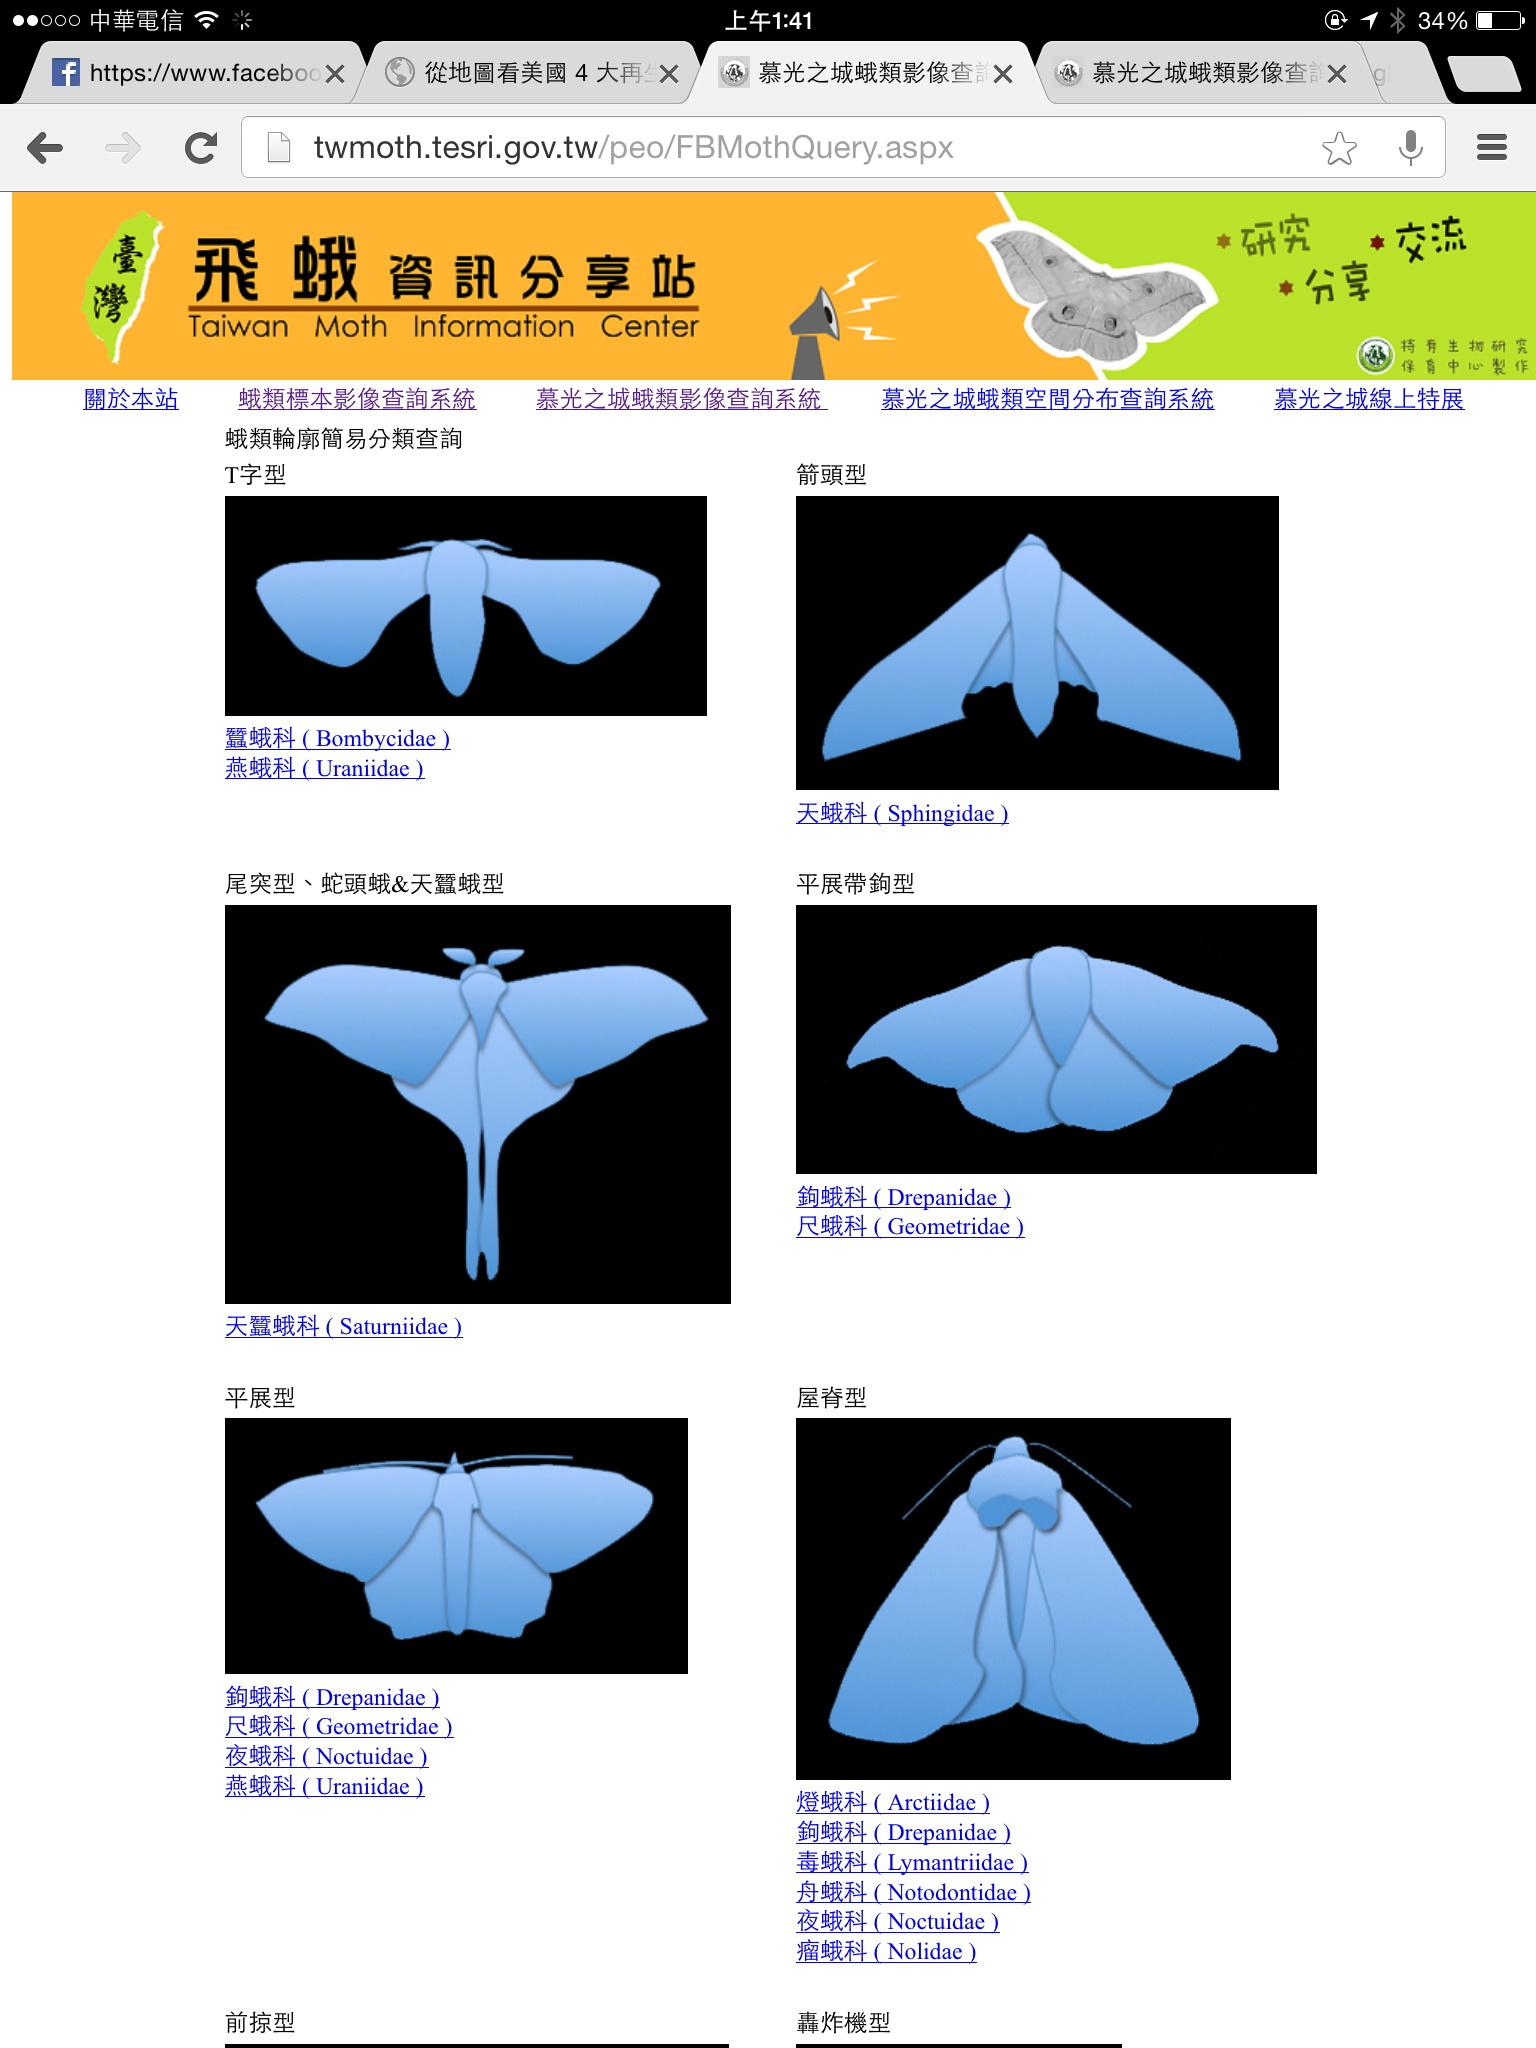 飛蛾資訊分享站。(圖片來源:特生中心)